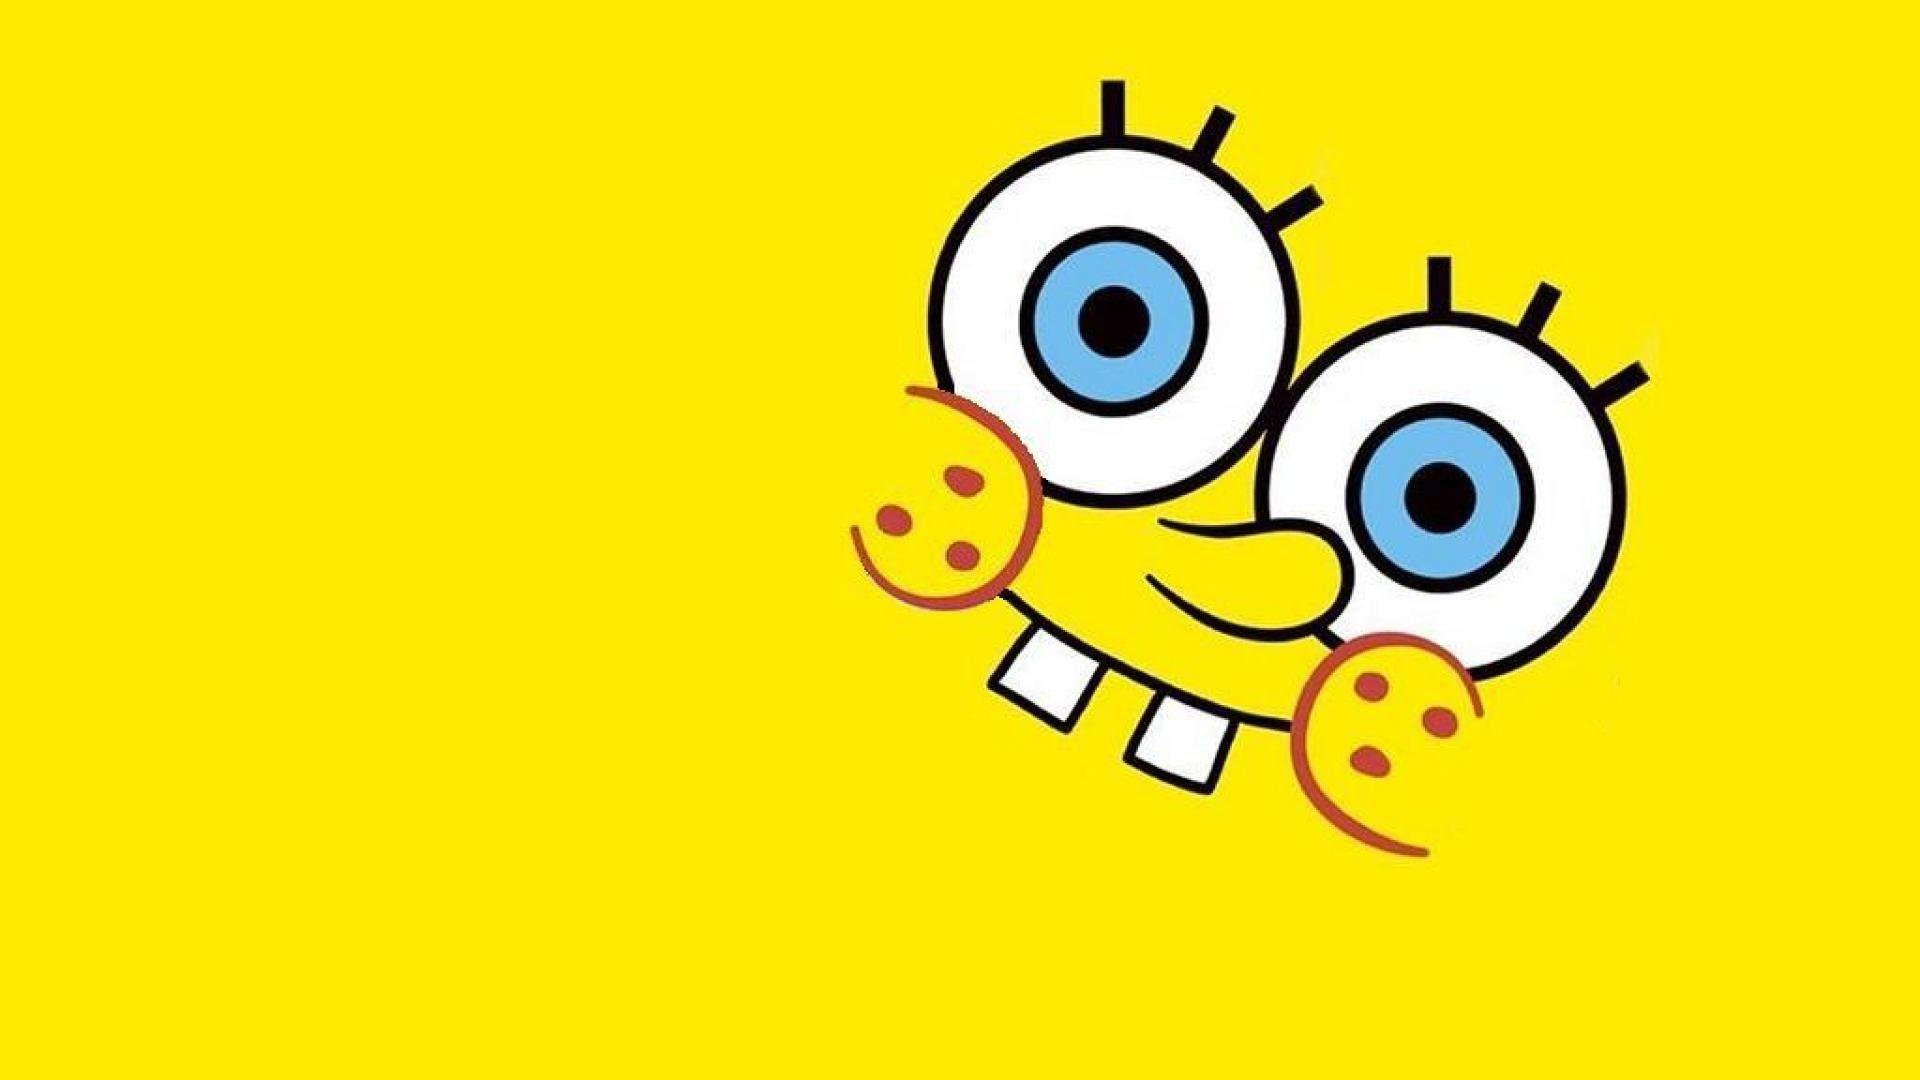 Light Yellow Desktop Wallpaper Best Wallpaper Hd Wallpaper Spongebob Wallpaper Kartun Lucu Wallpaper Kartun